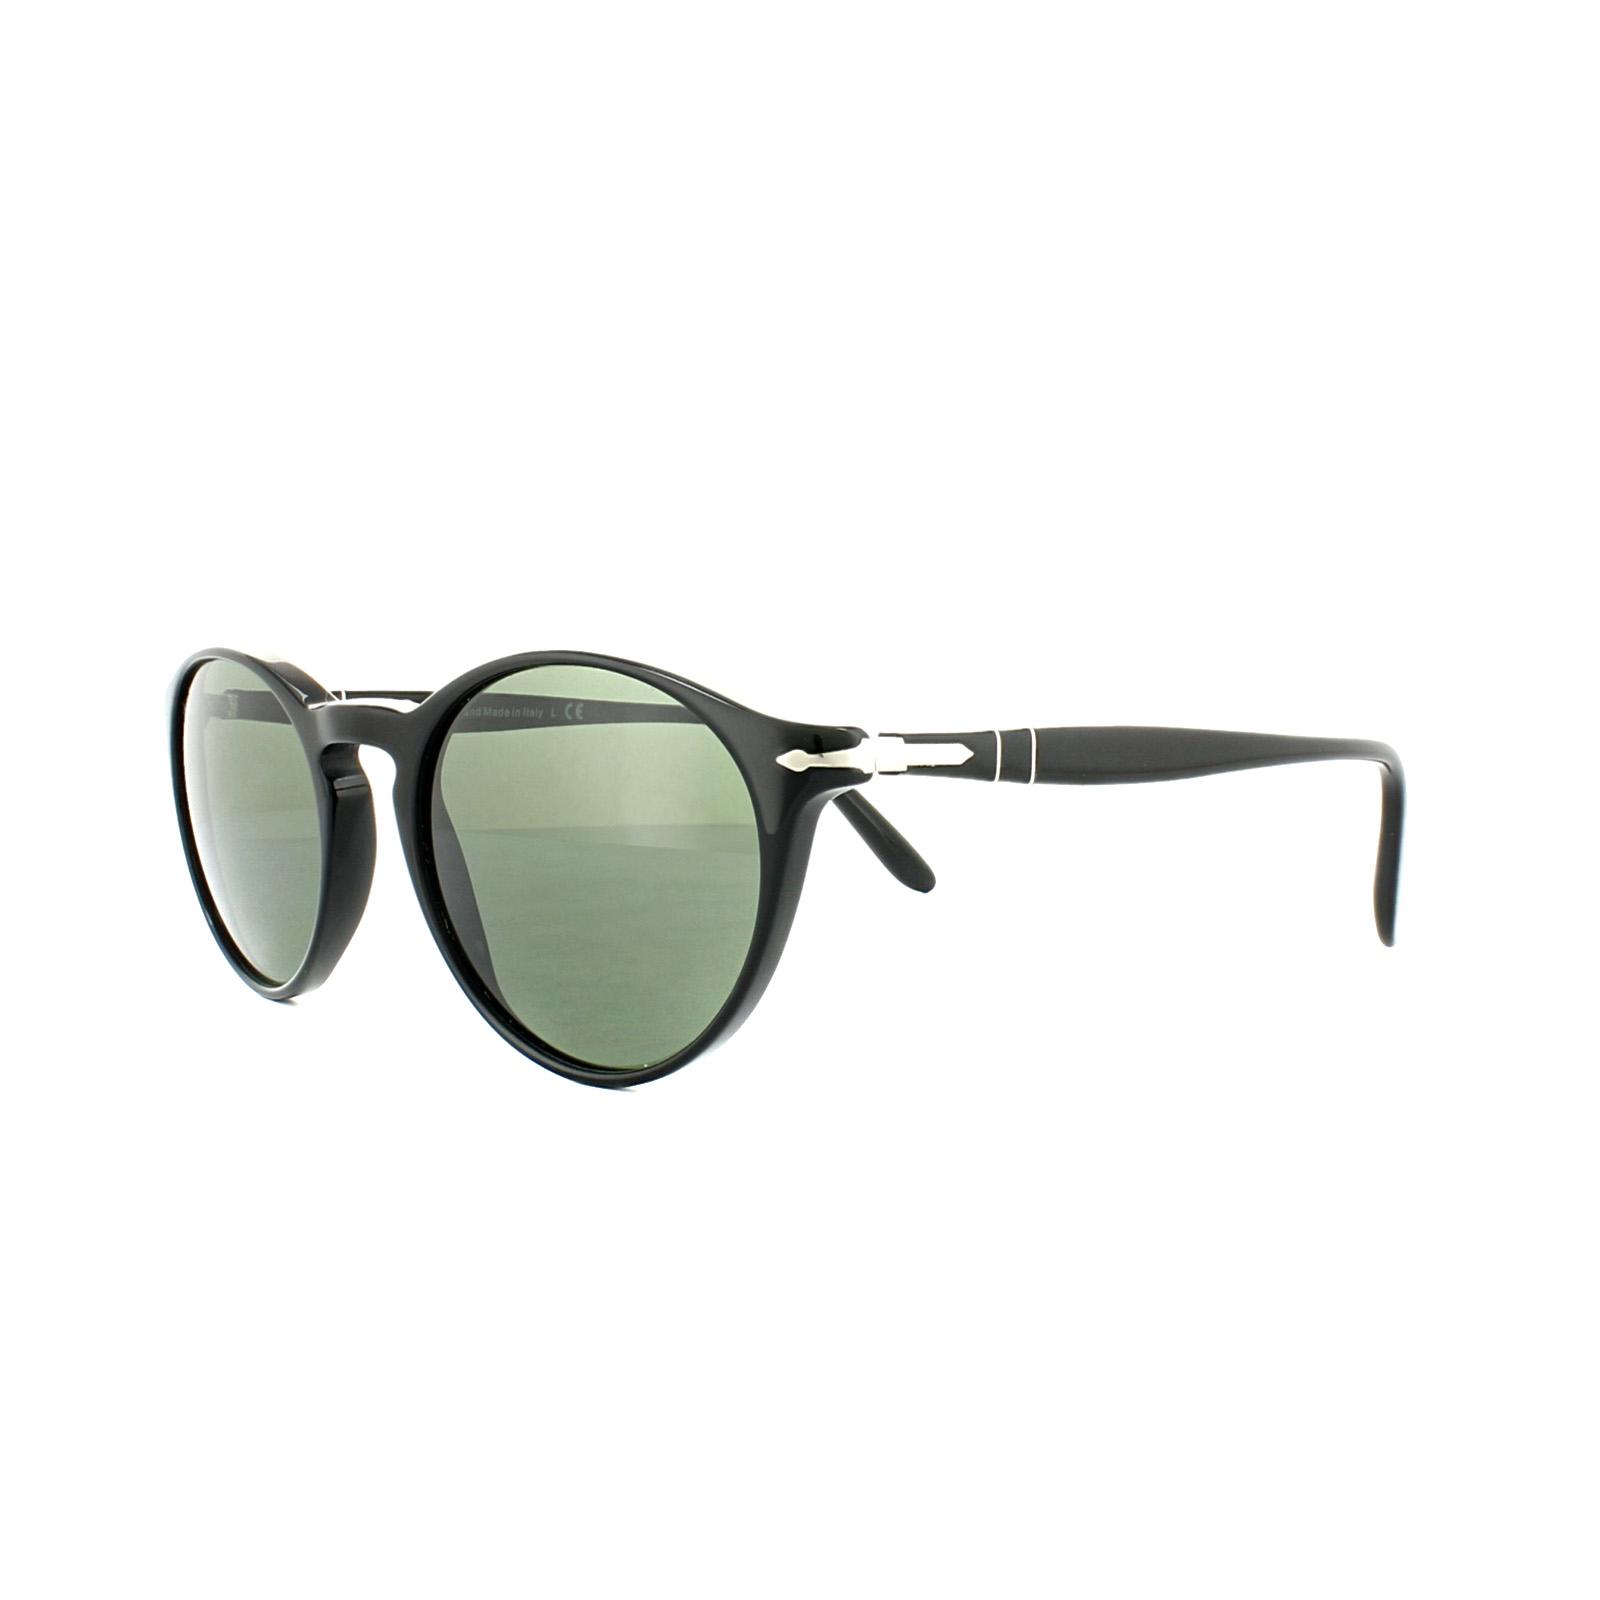 5ff497caa6032 Sunglasses Men s Accessories Persol Sunglasses 3092SM 900551 Tabacco  Virginia Antique Brown Gradient